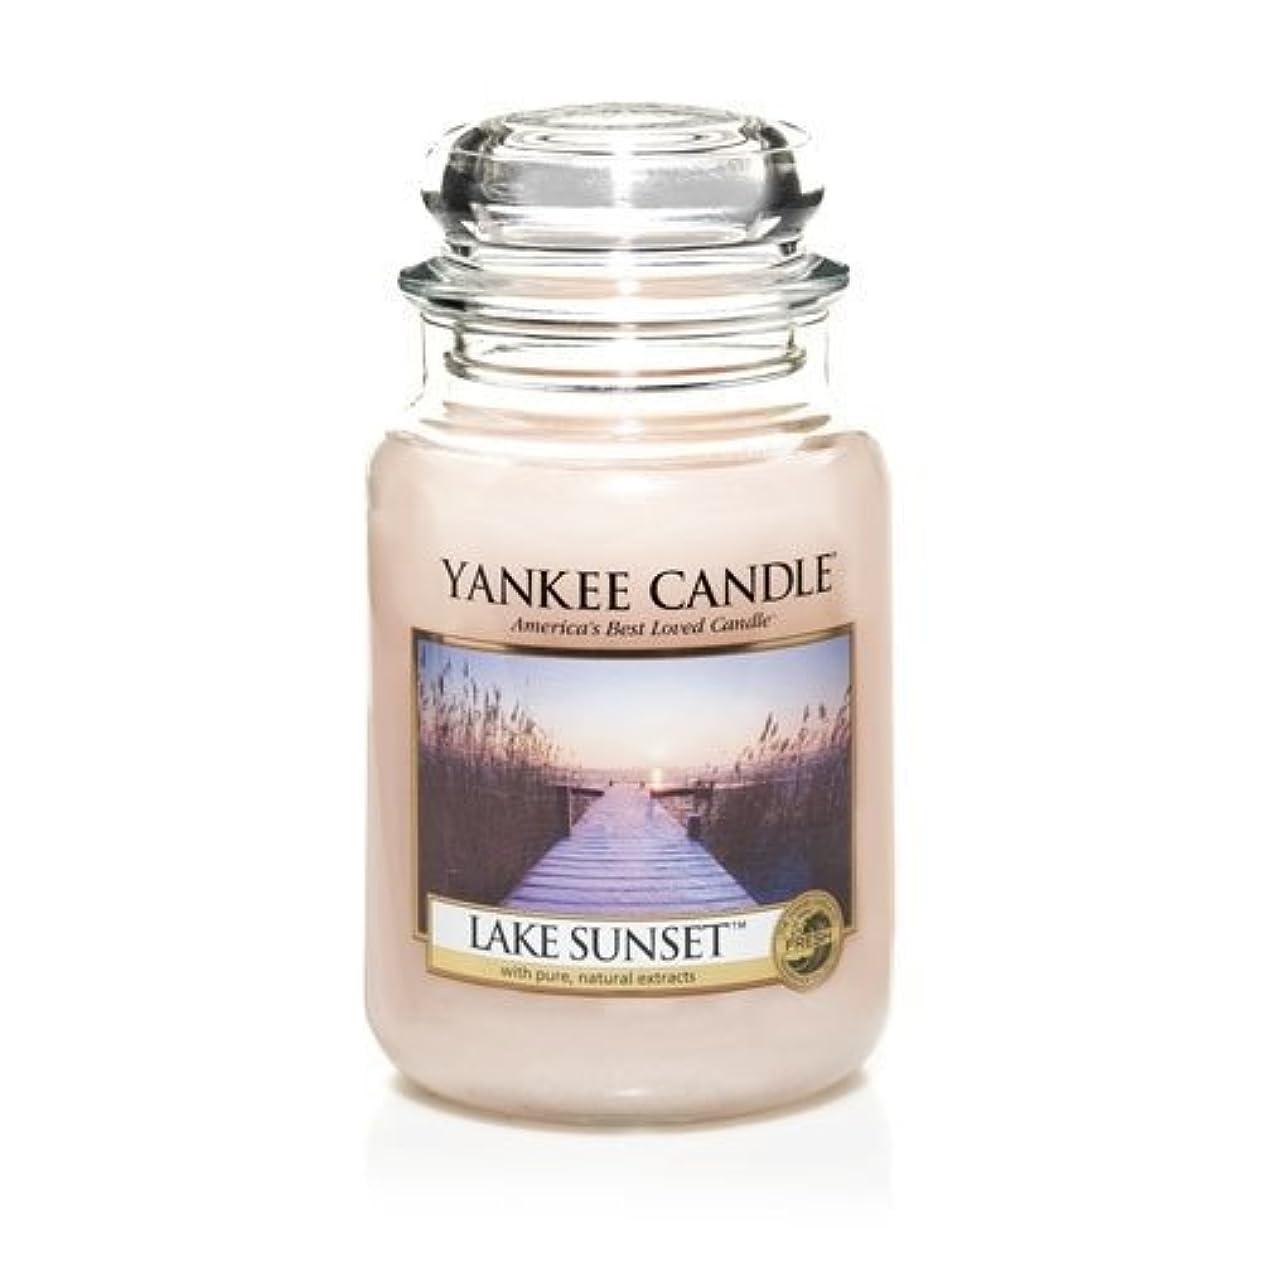 師匠確認してください考えYankee Candle LAKE SUNSET 22 oz Large Jar Candle - New for Fall 2013 by Yankee Candle [並行輸入品]